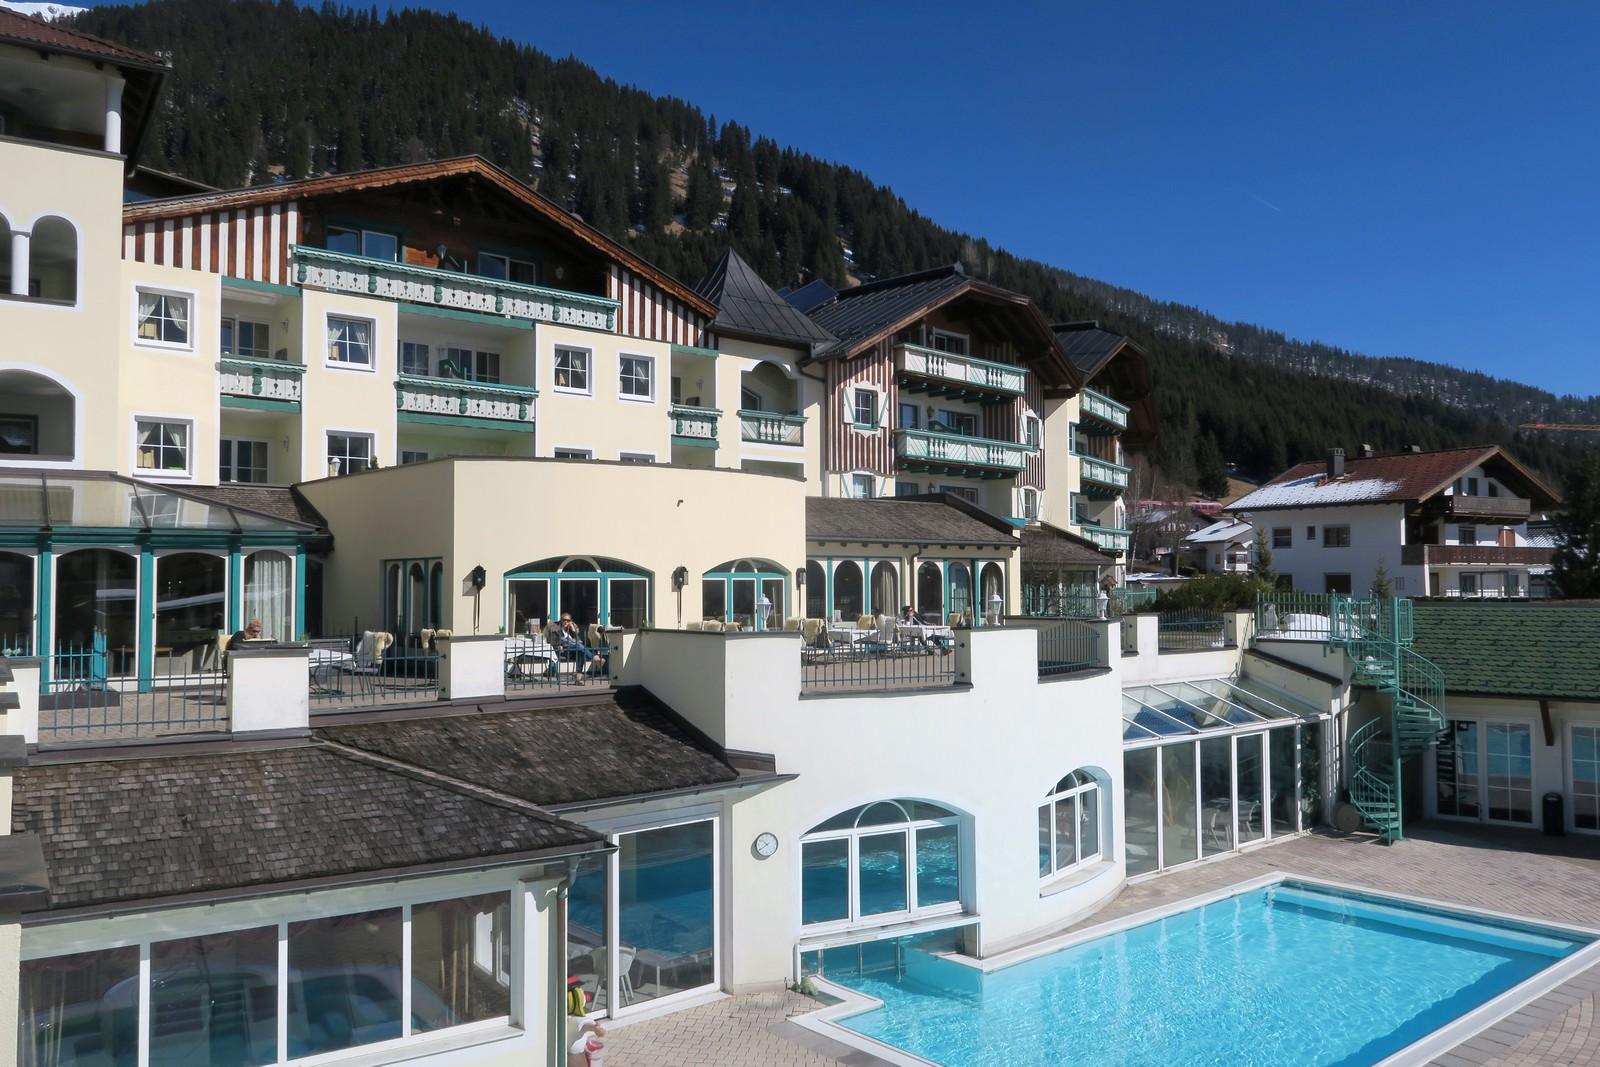 Familienhotel Alpenrose Pool